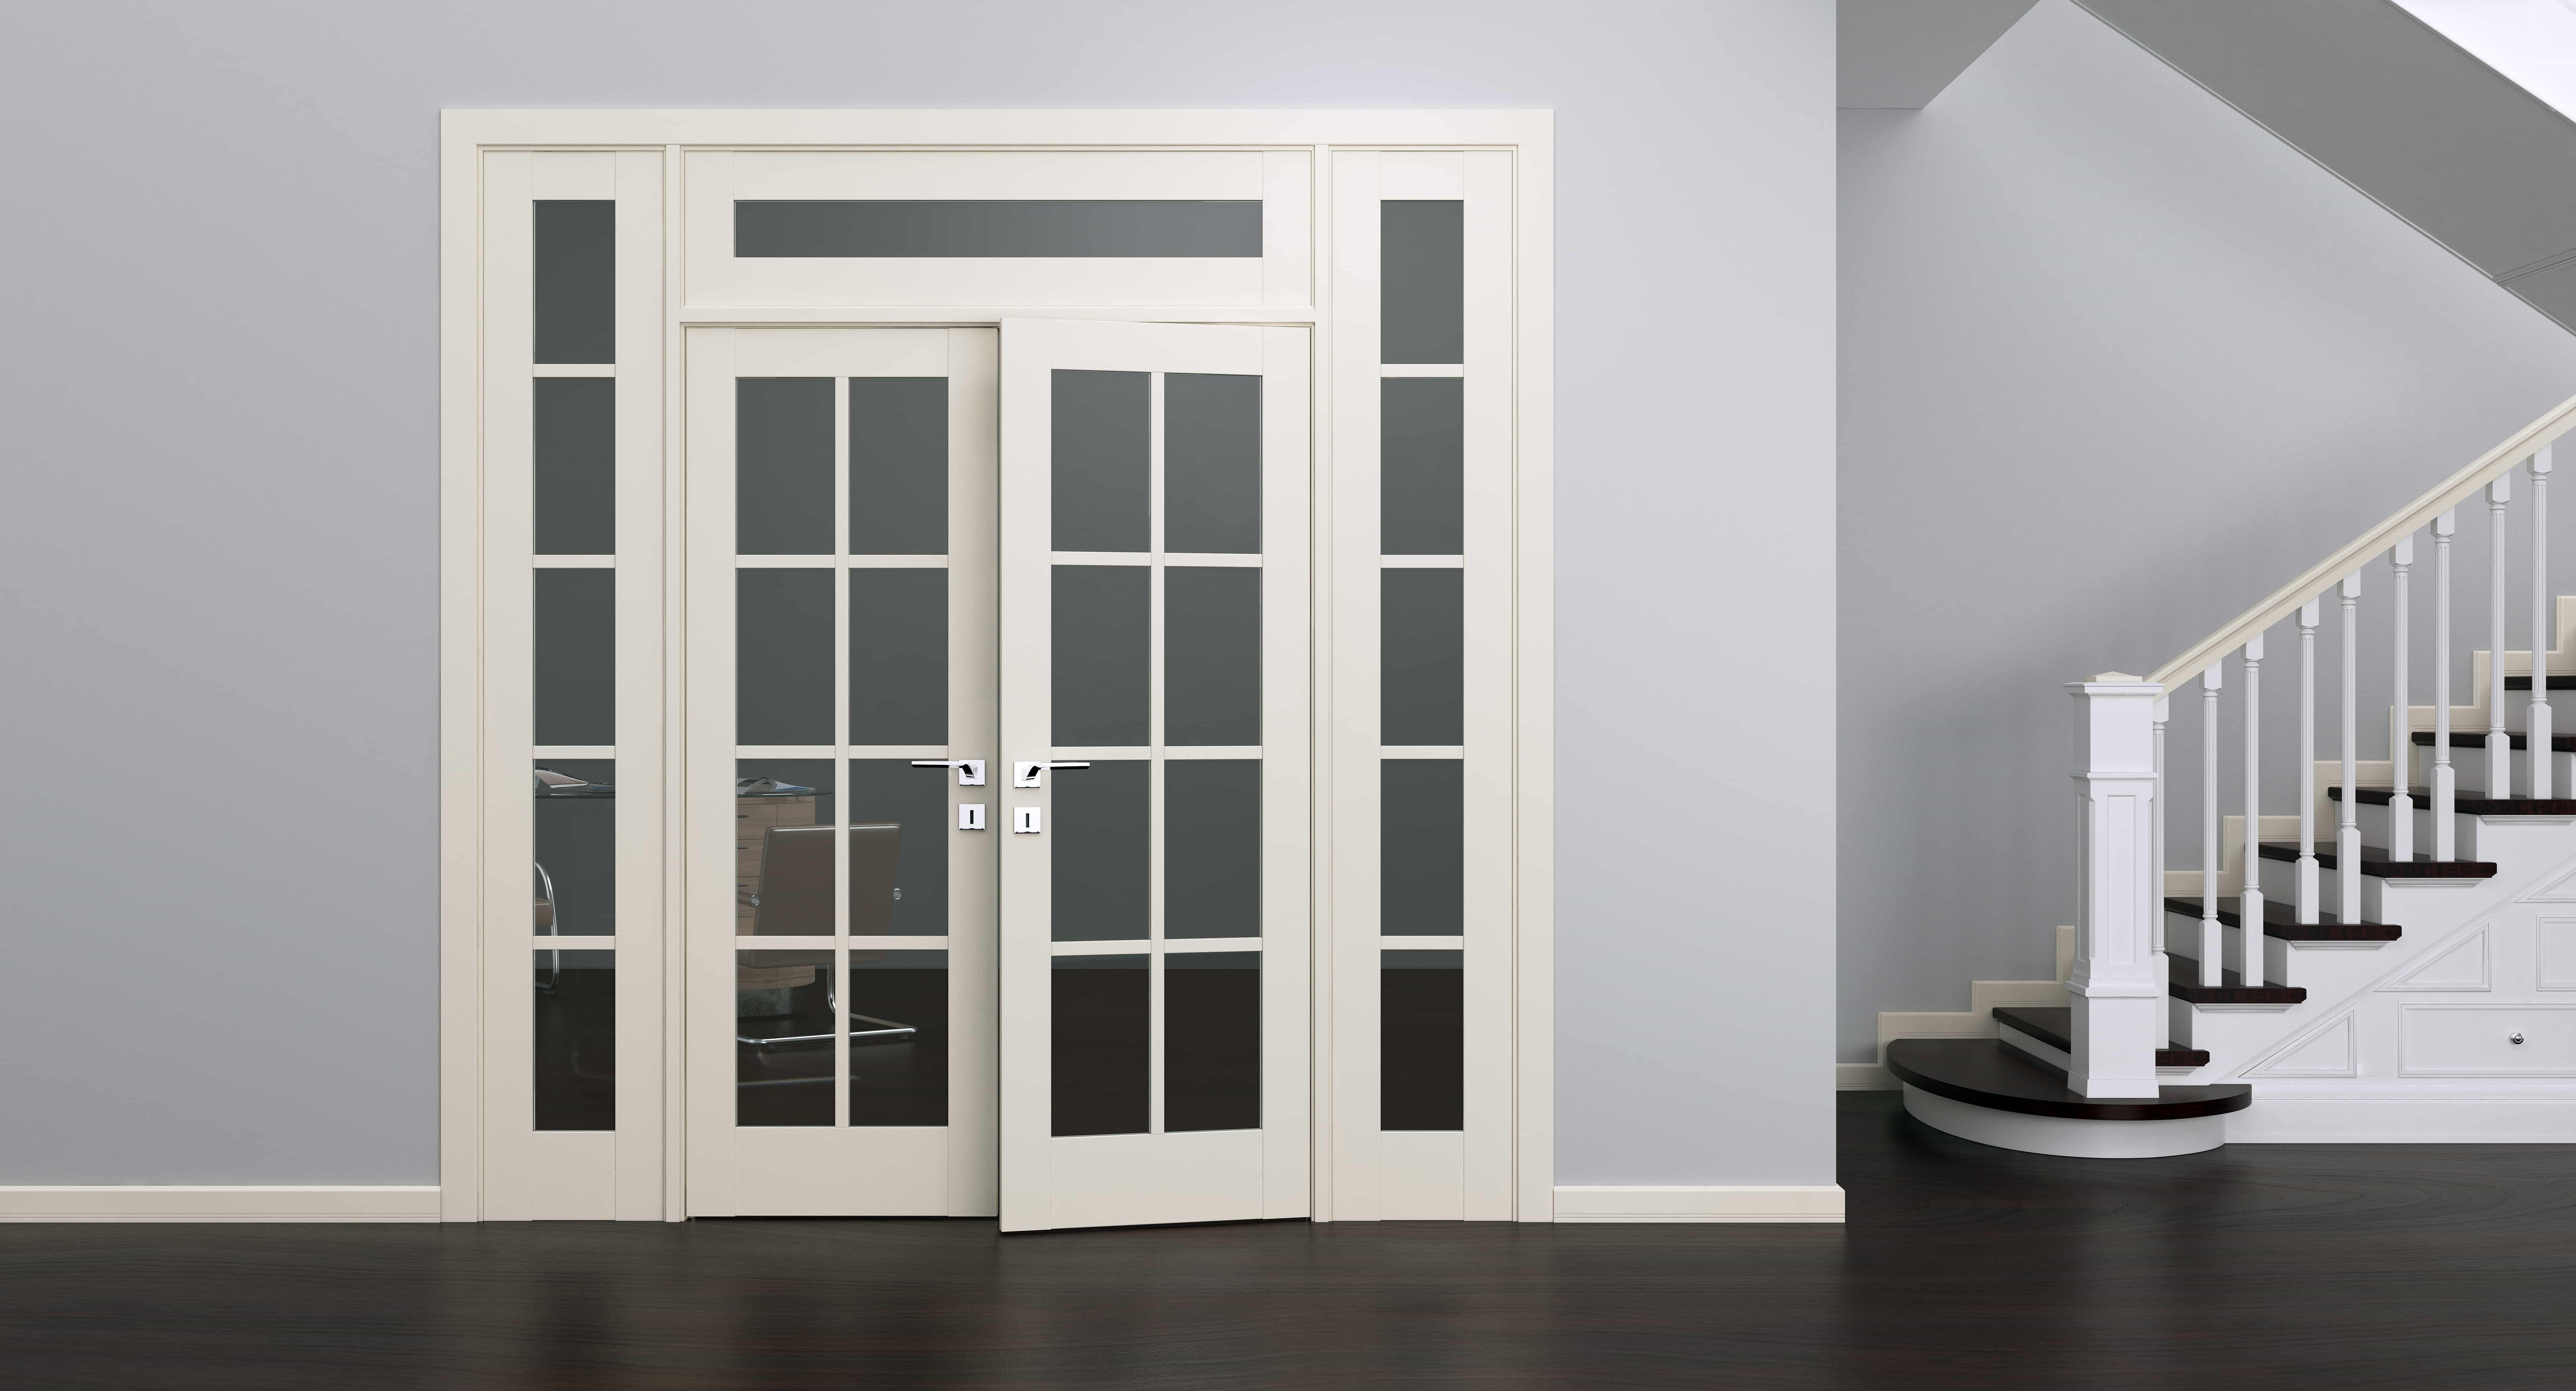 Тенденции в дизайне межкомнатных дверей - 2020